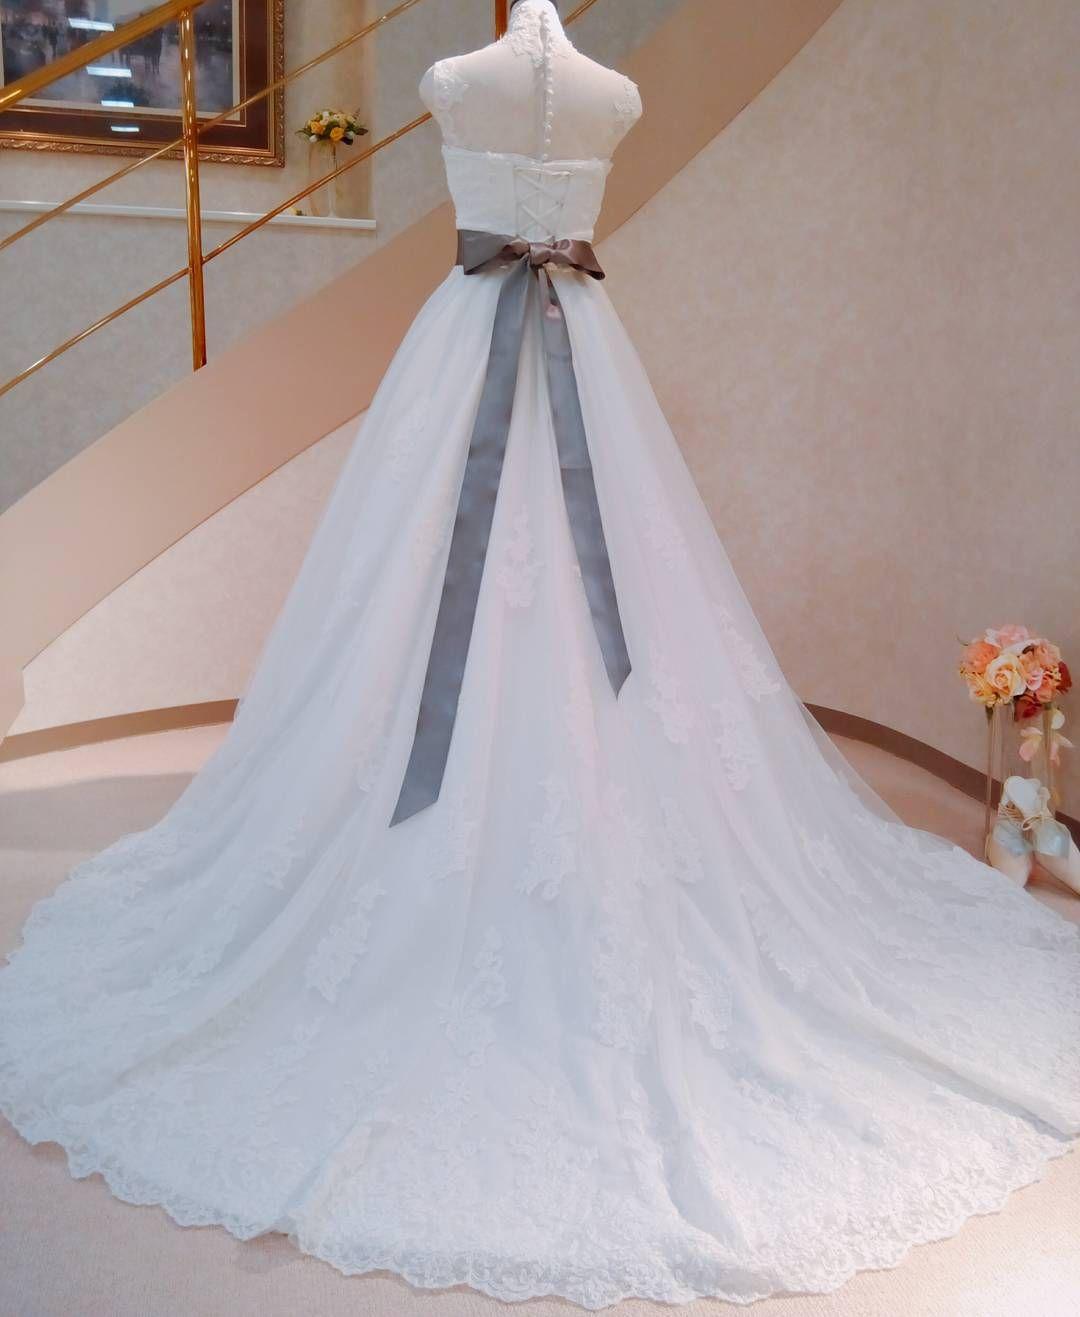 #サッシュリボン #サッシュベルト�� #weddingdress#colordress#bridalsalonai#bridal#sapporo#ブライダルサロン愛 http://gelinshop.com/ipost/1520195131671326877/?code=BUY0Wr8jDCd